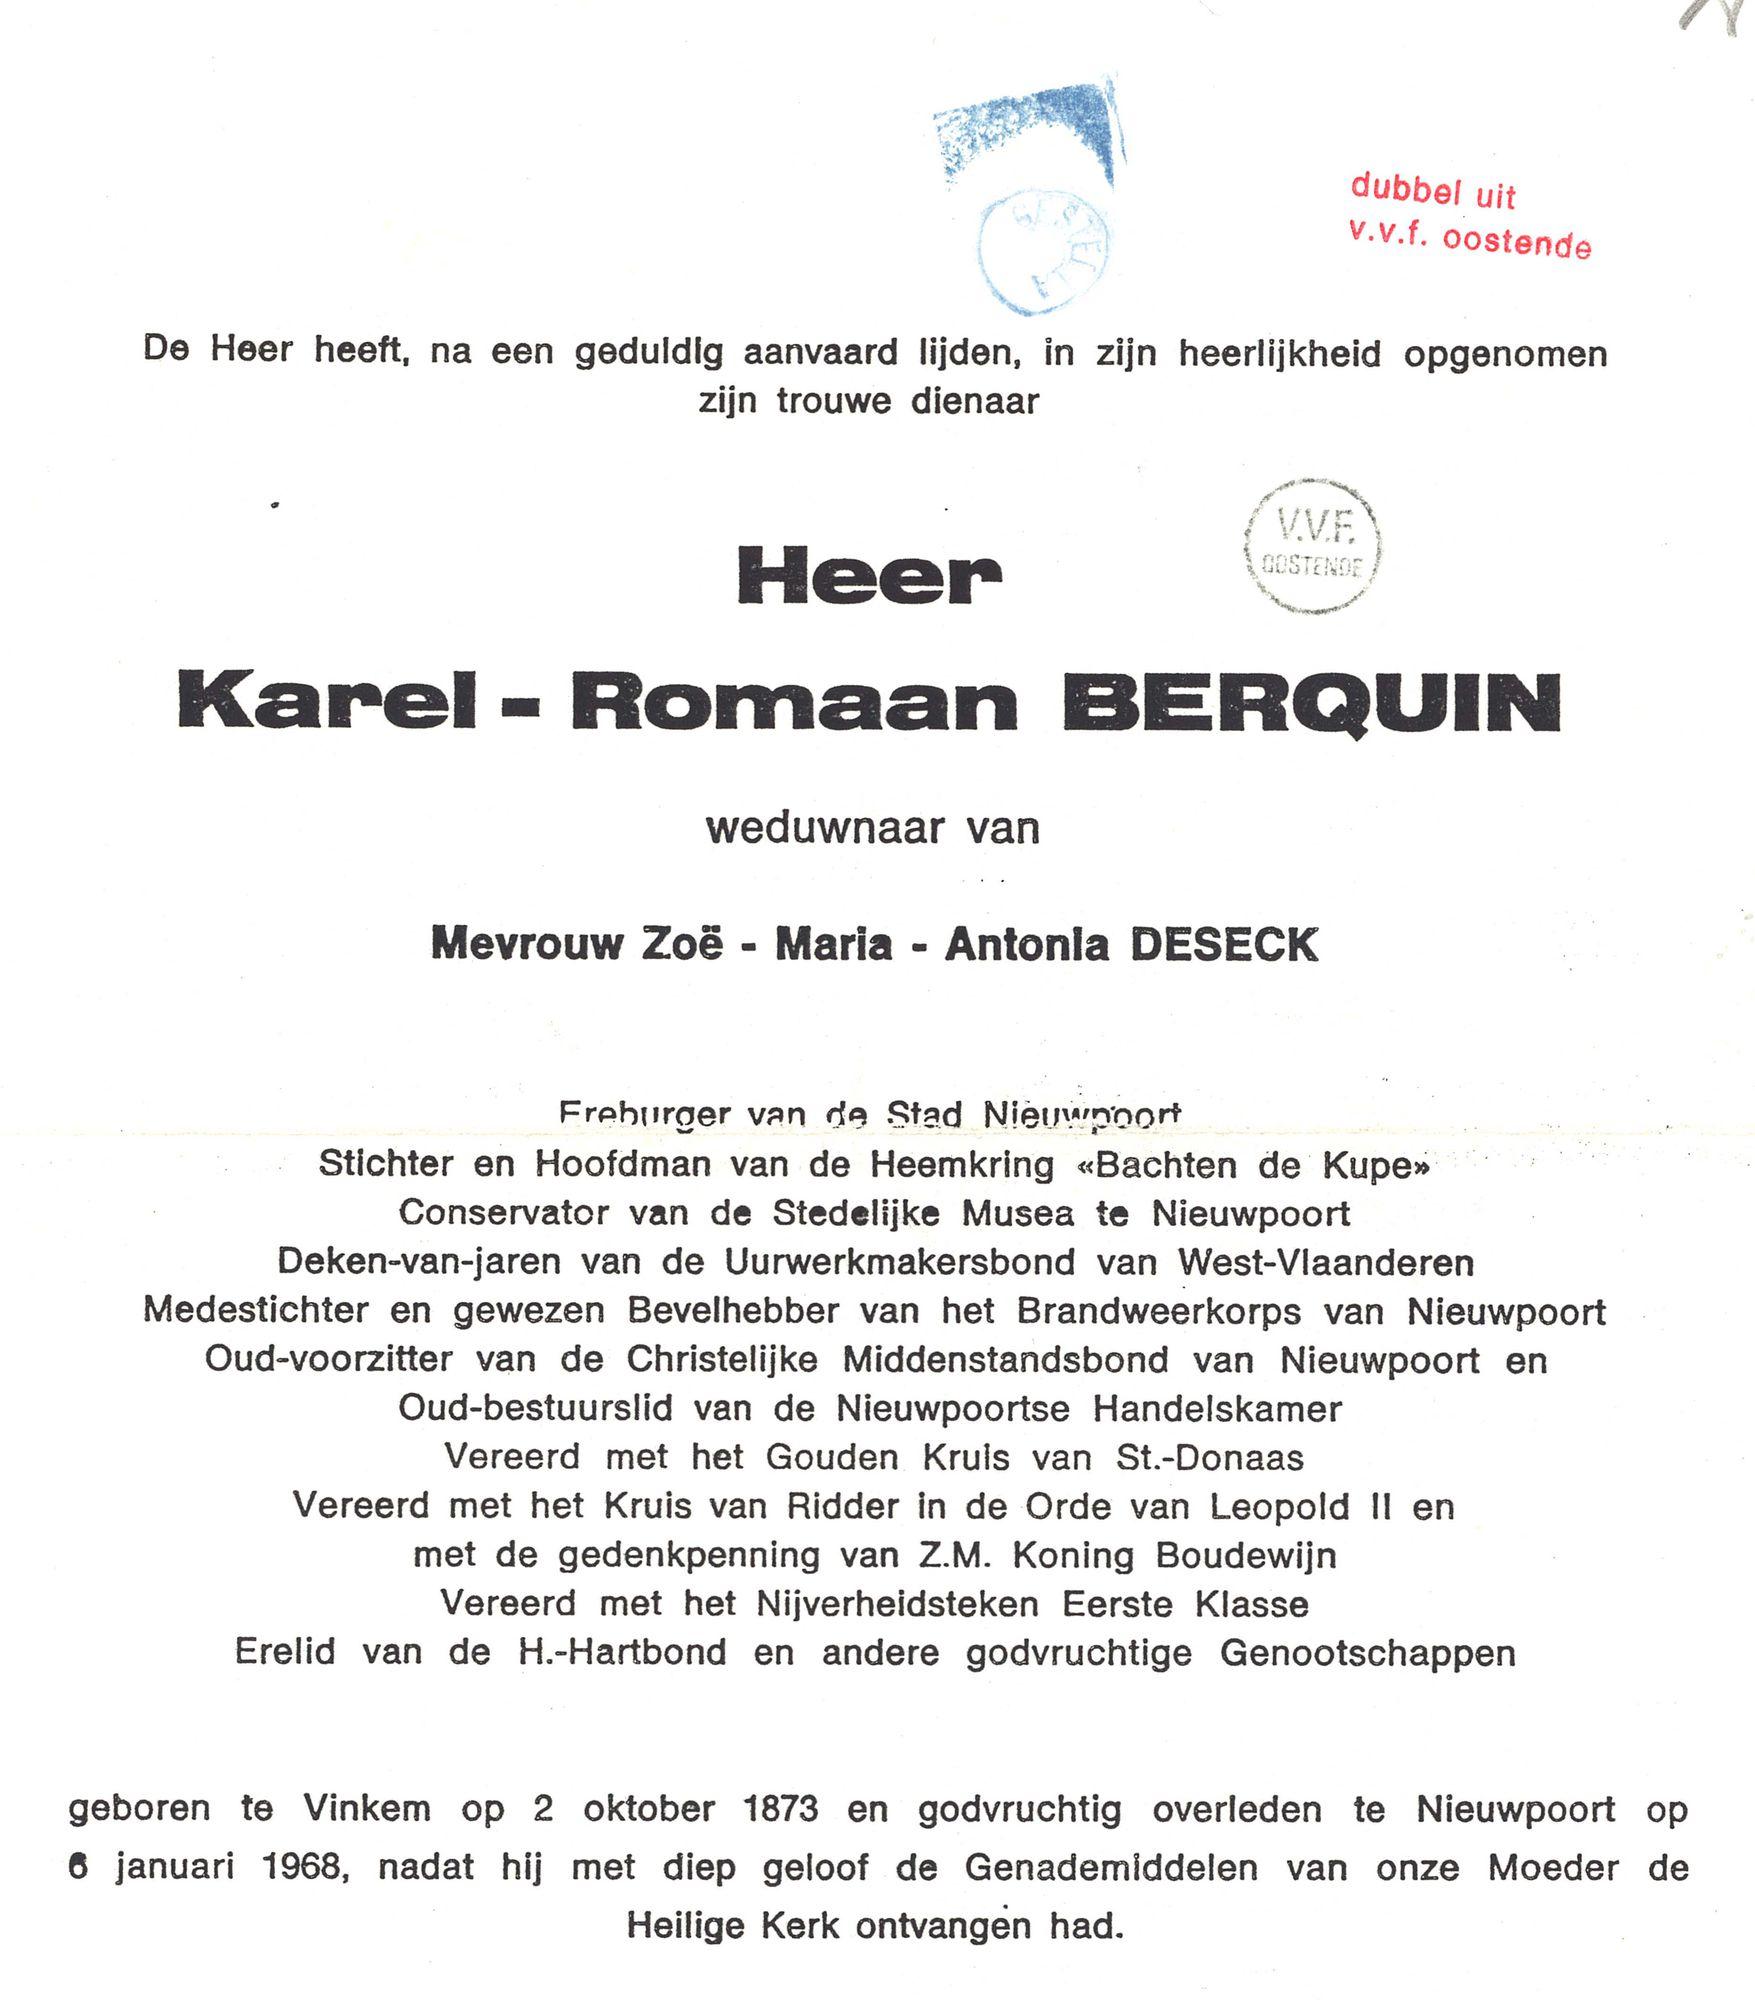 Karel-Romaan Berquin